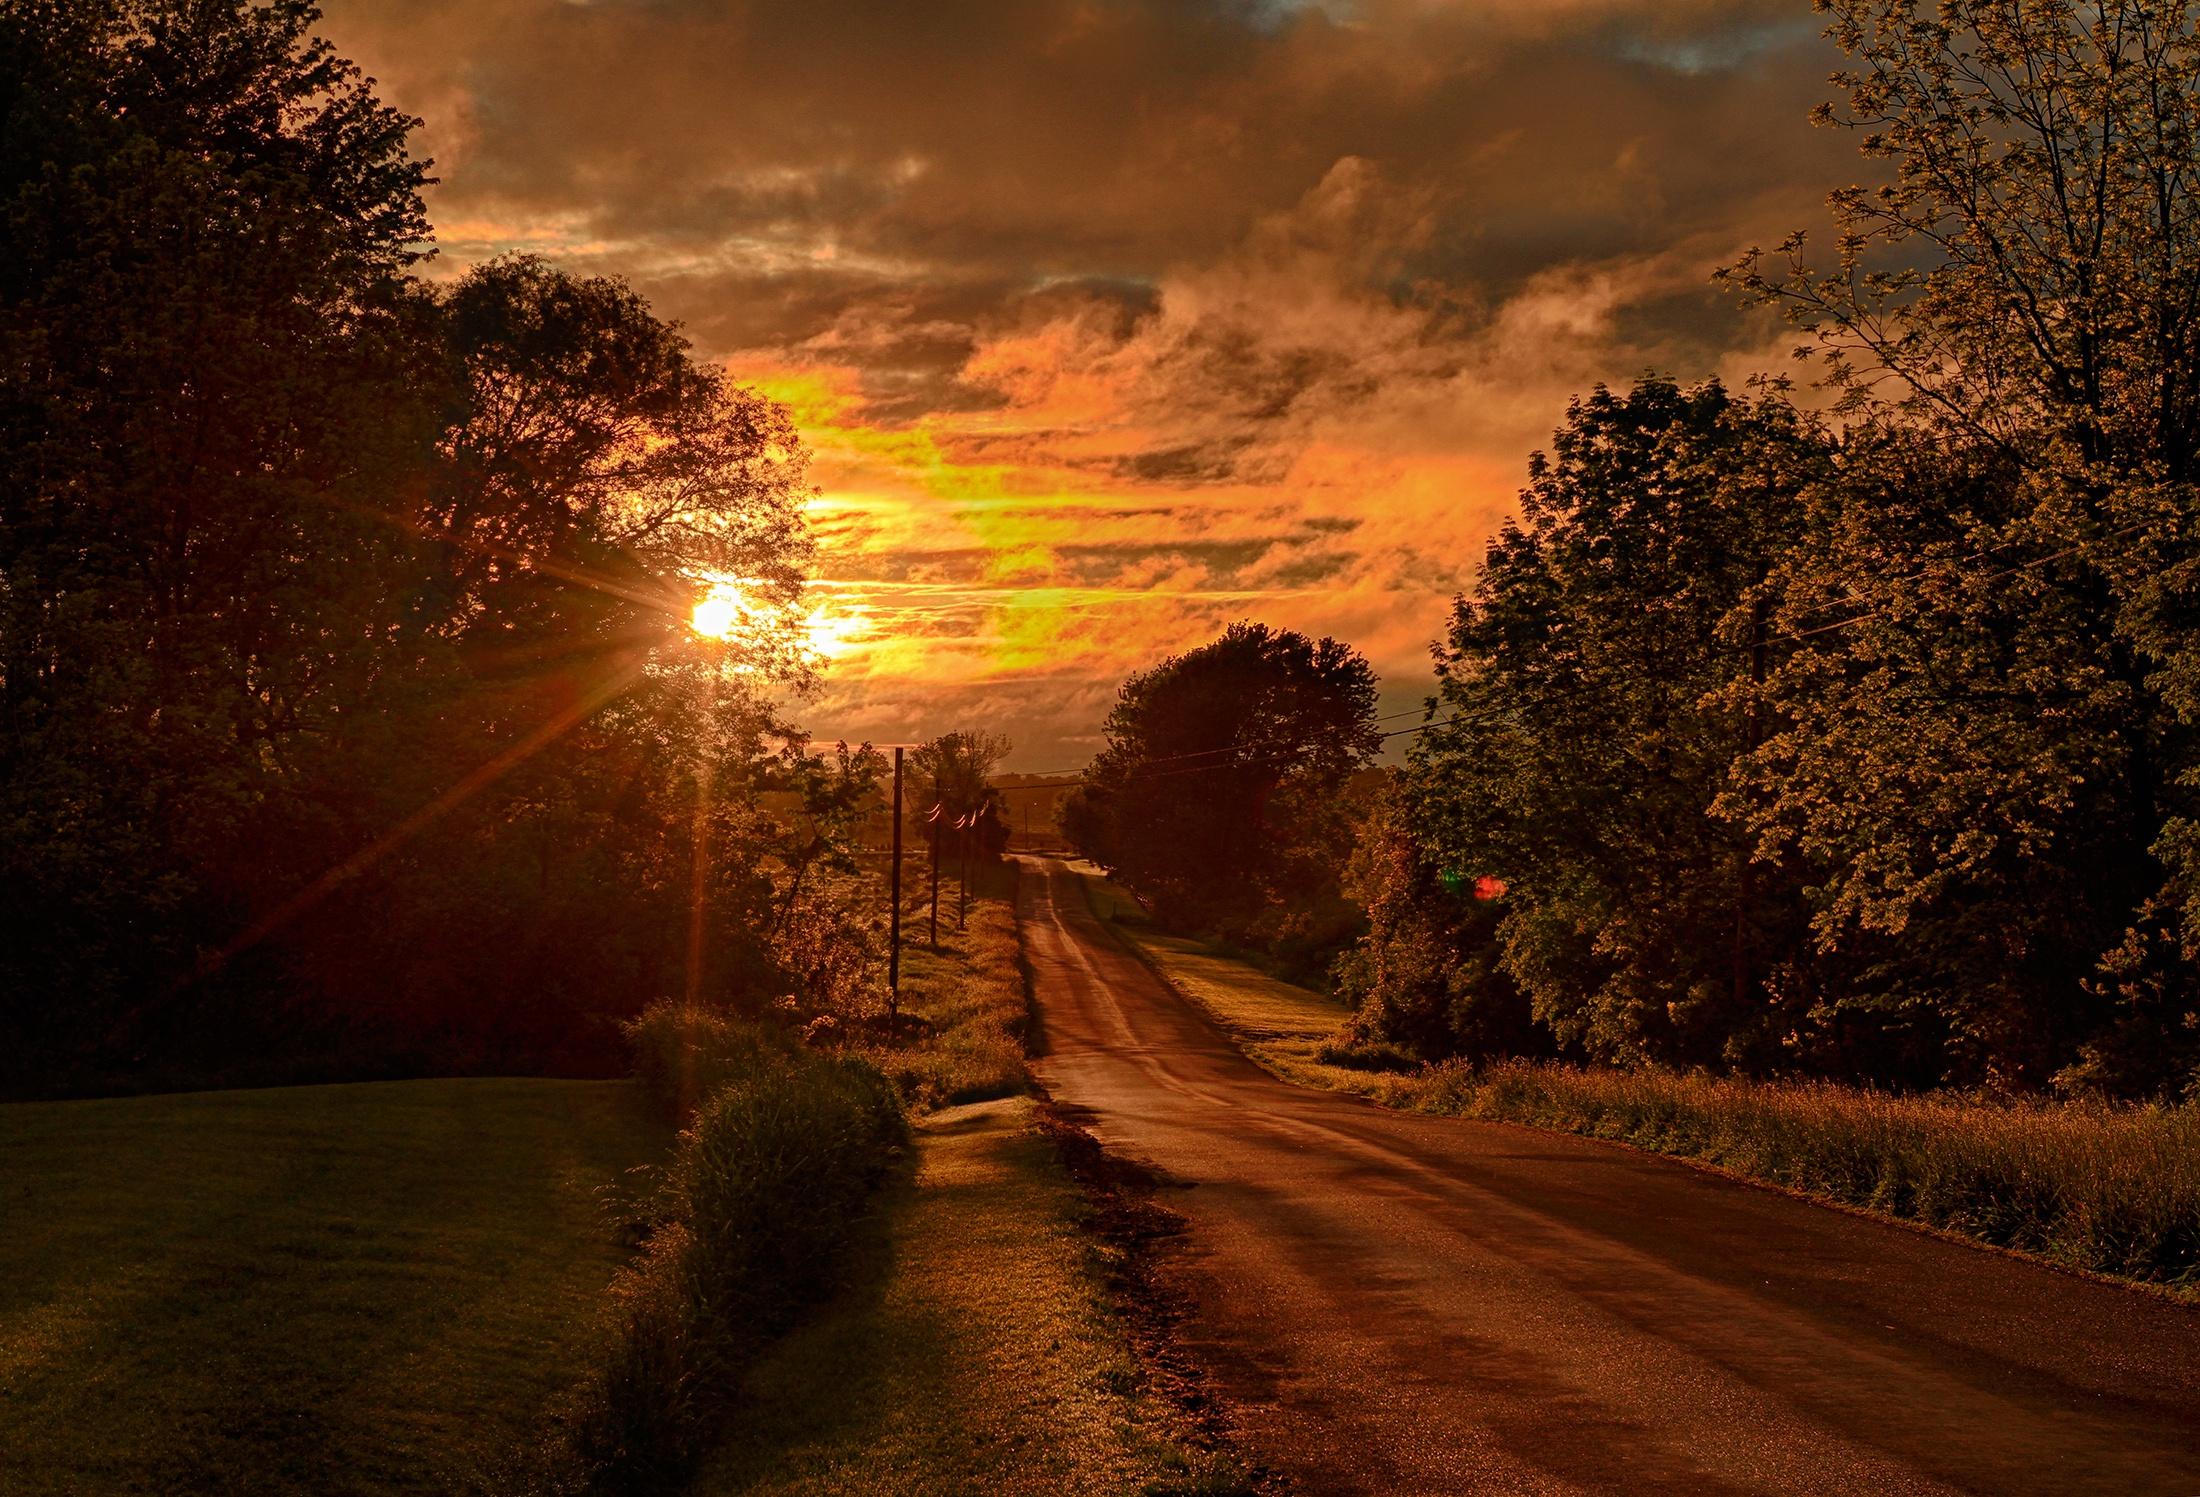 психологически красивые картинки дороги и закат рекомендуют